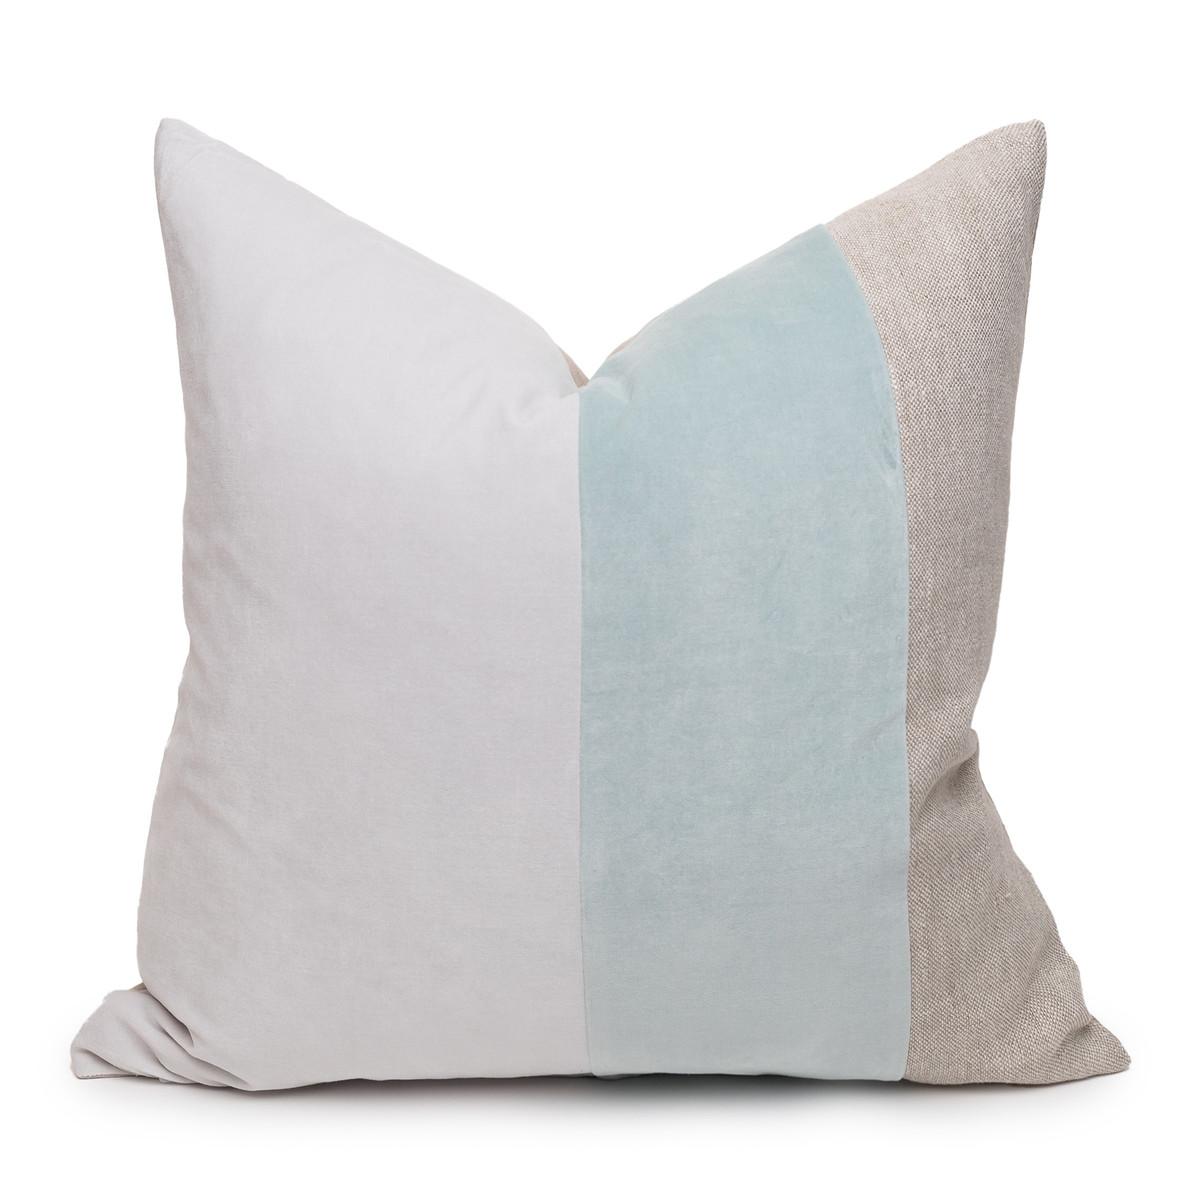 Celine Aqua and Mist Linen Velvet Pillow - Front